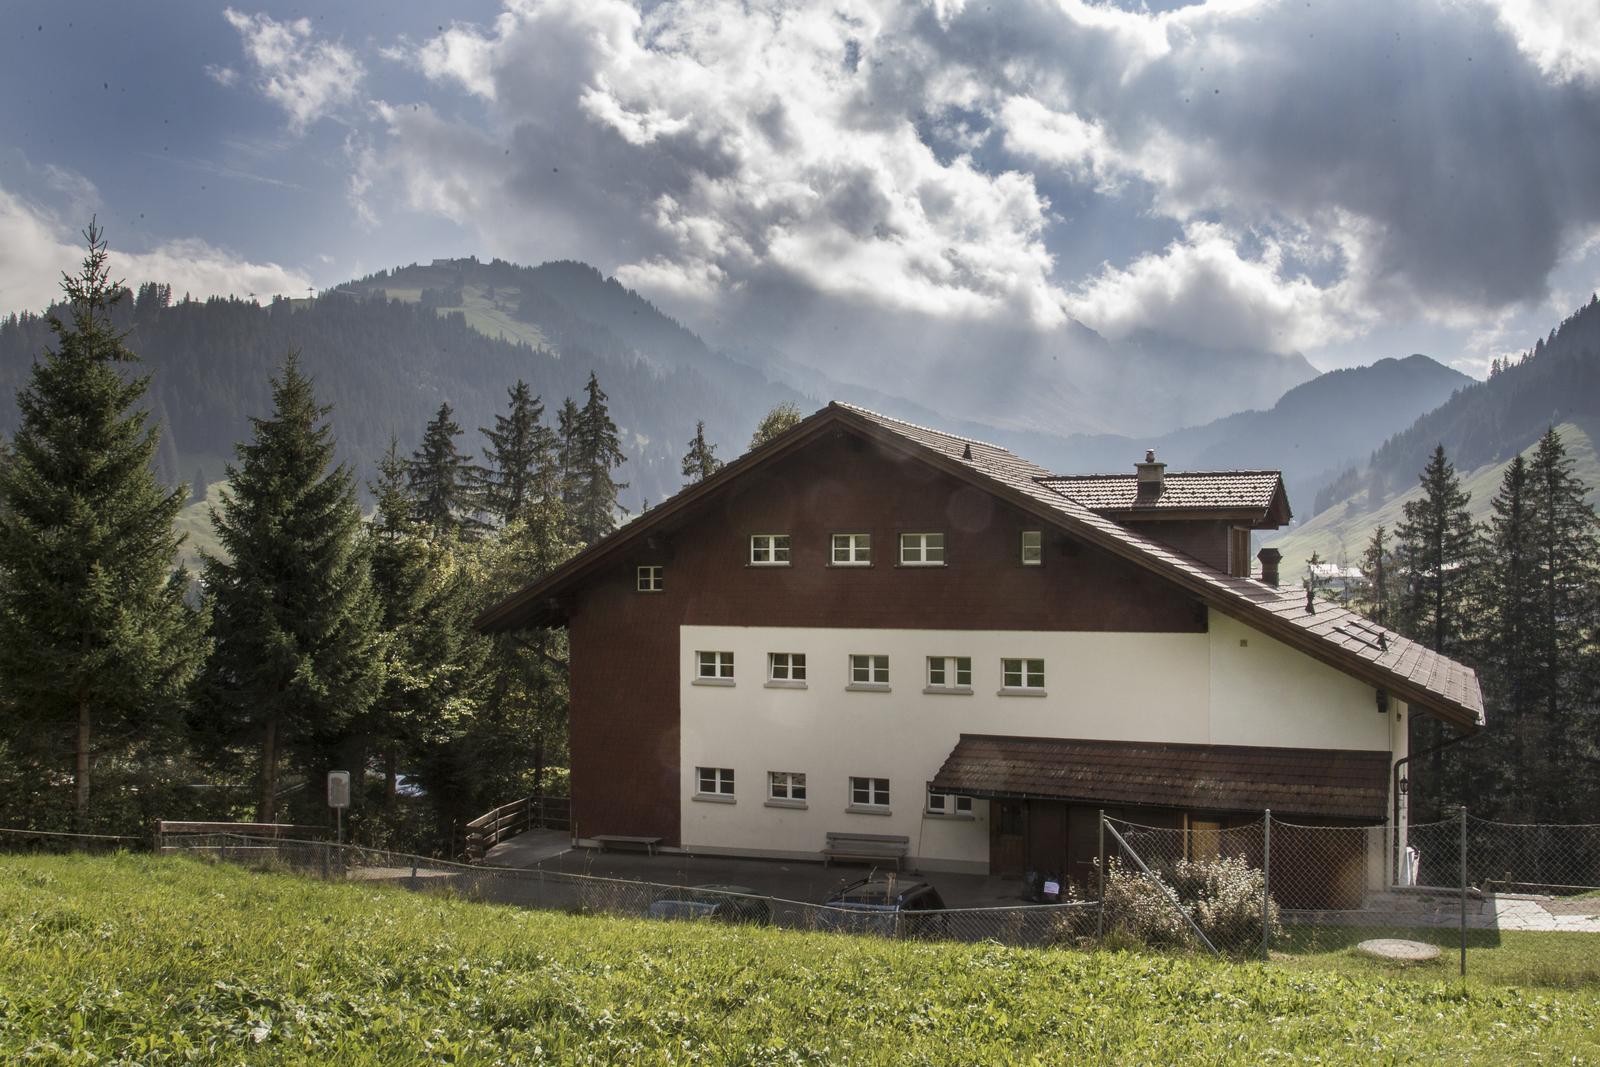 Jugendhaus der Heilsarmee, 3715 Adelboden - 9631 - Hinteransicht